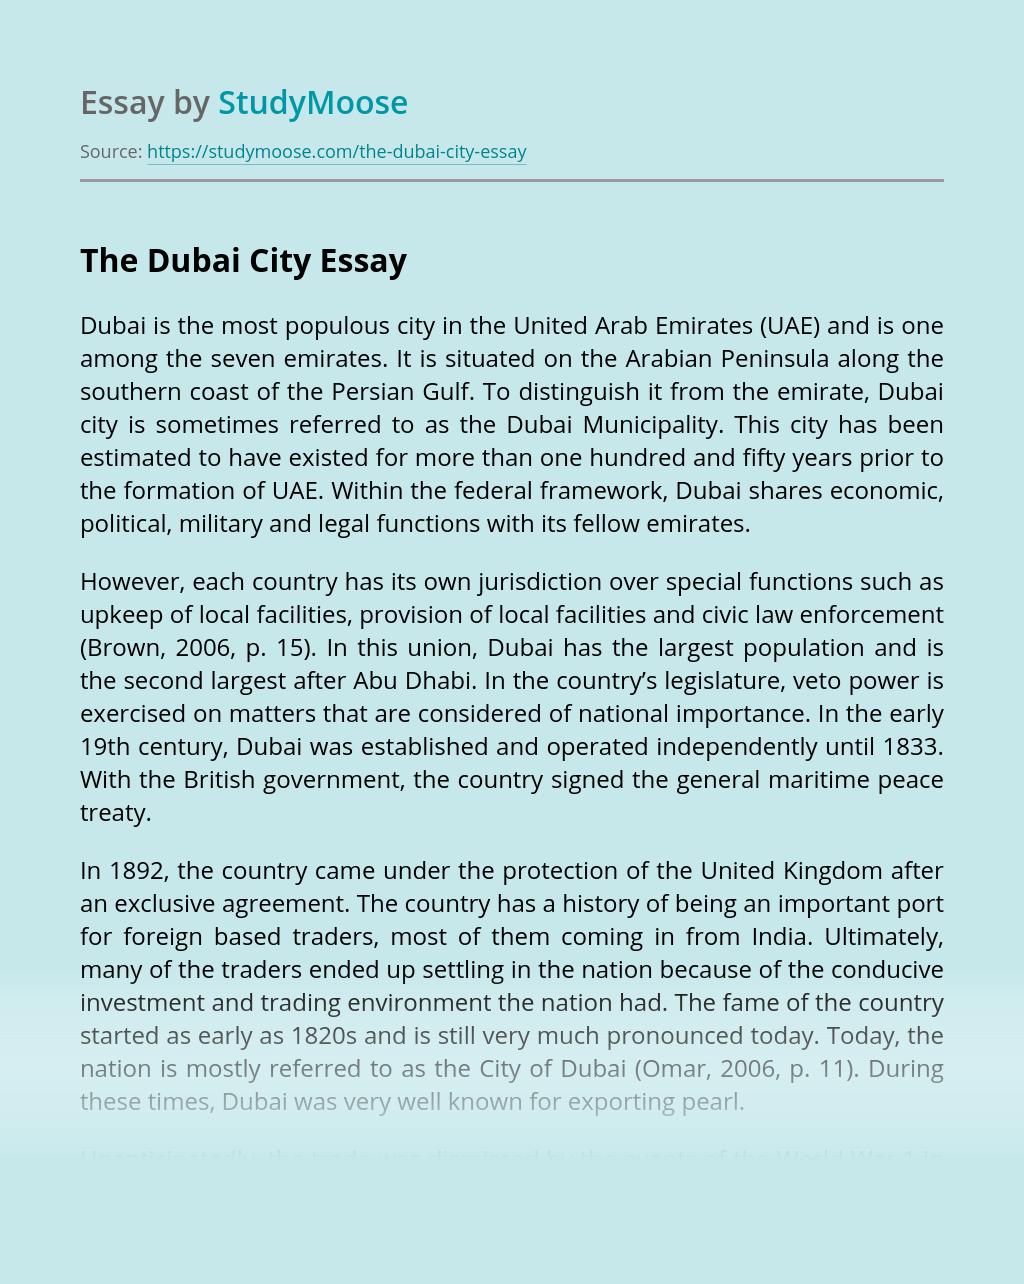 The Dubai City